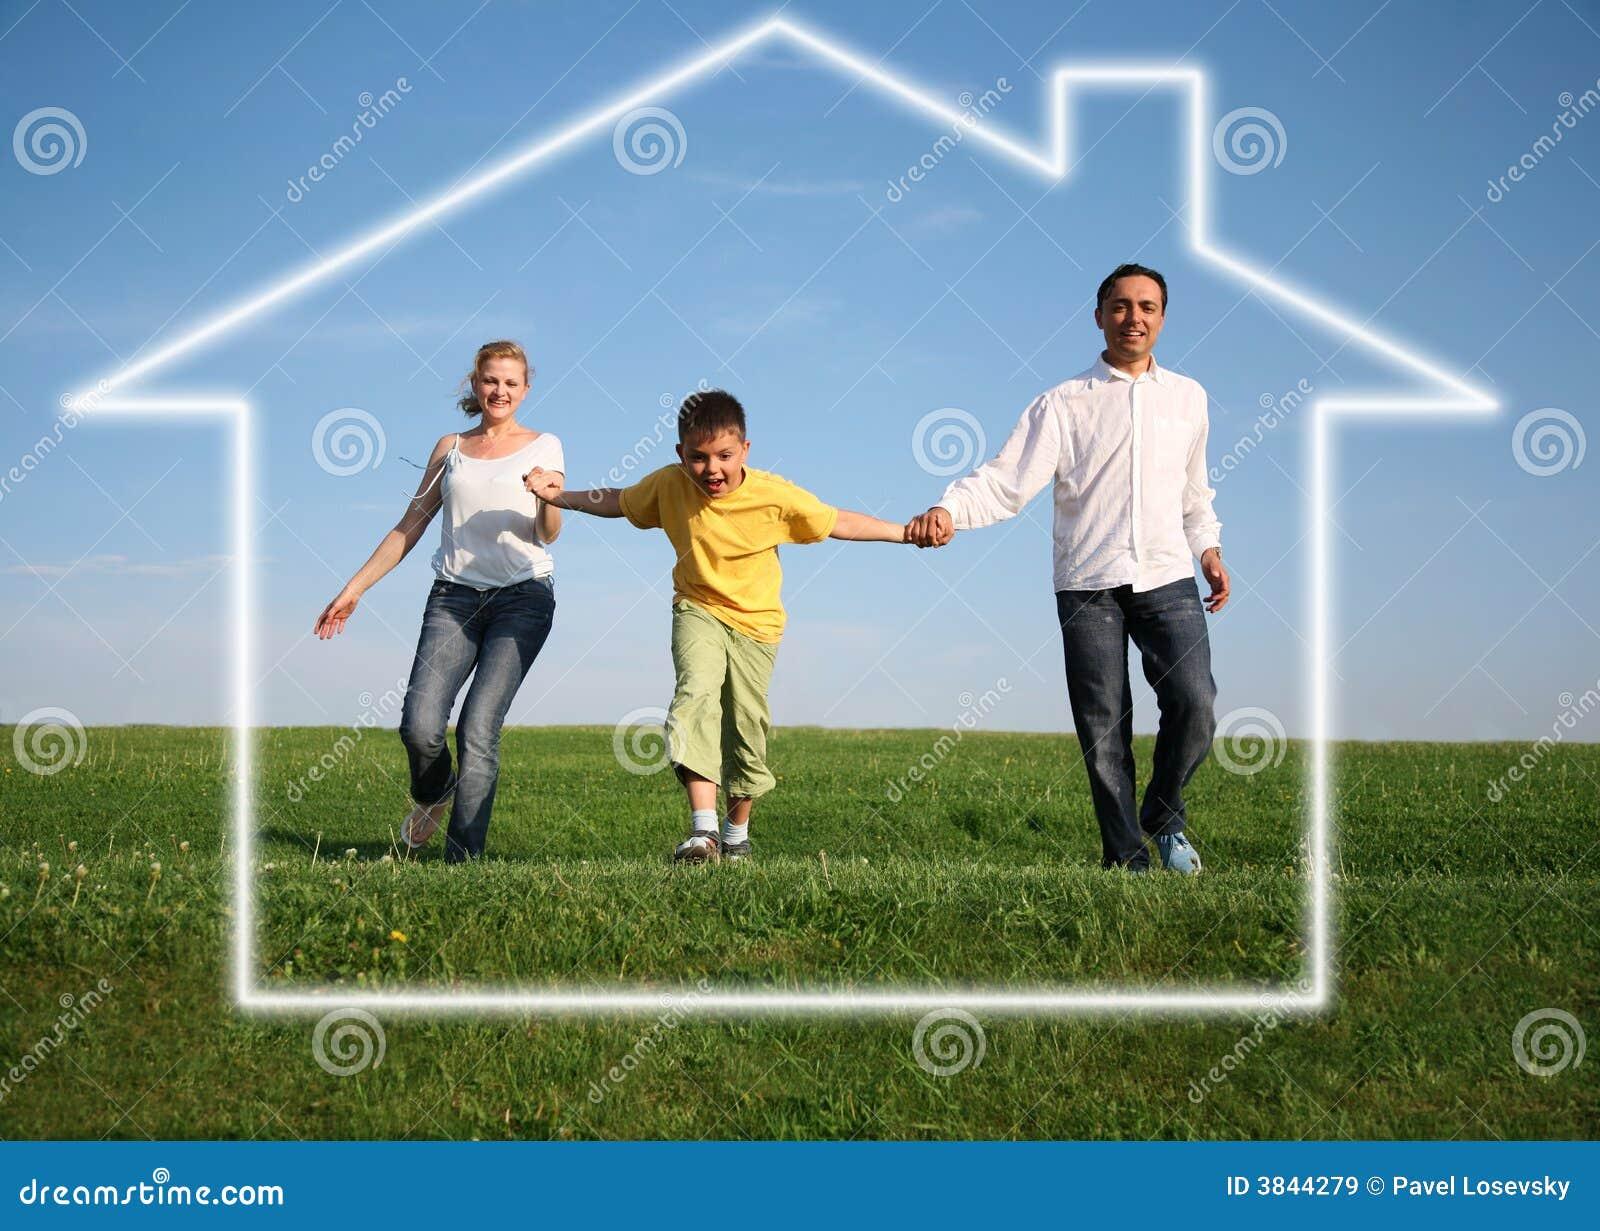 familie traumhaus stockbild bild von lebensstil hypothek 3844279. Black Bedroom Furniture Sets. Home Design Ideas